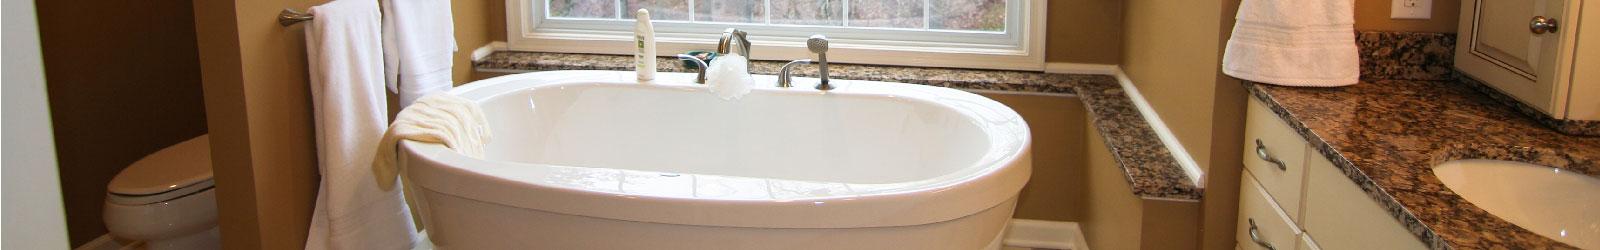 Utah Kitchen Remodeling And Bathroom Remodeling - Bathroom remodel ogden utah